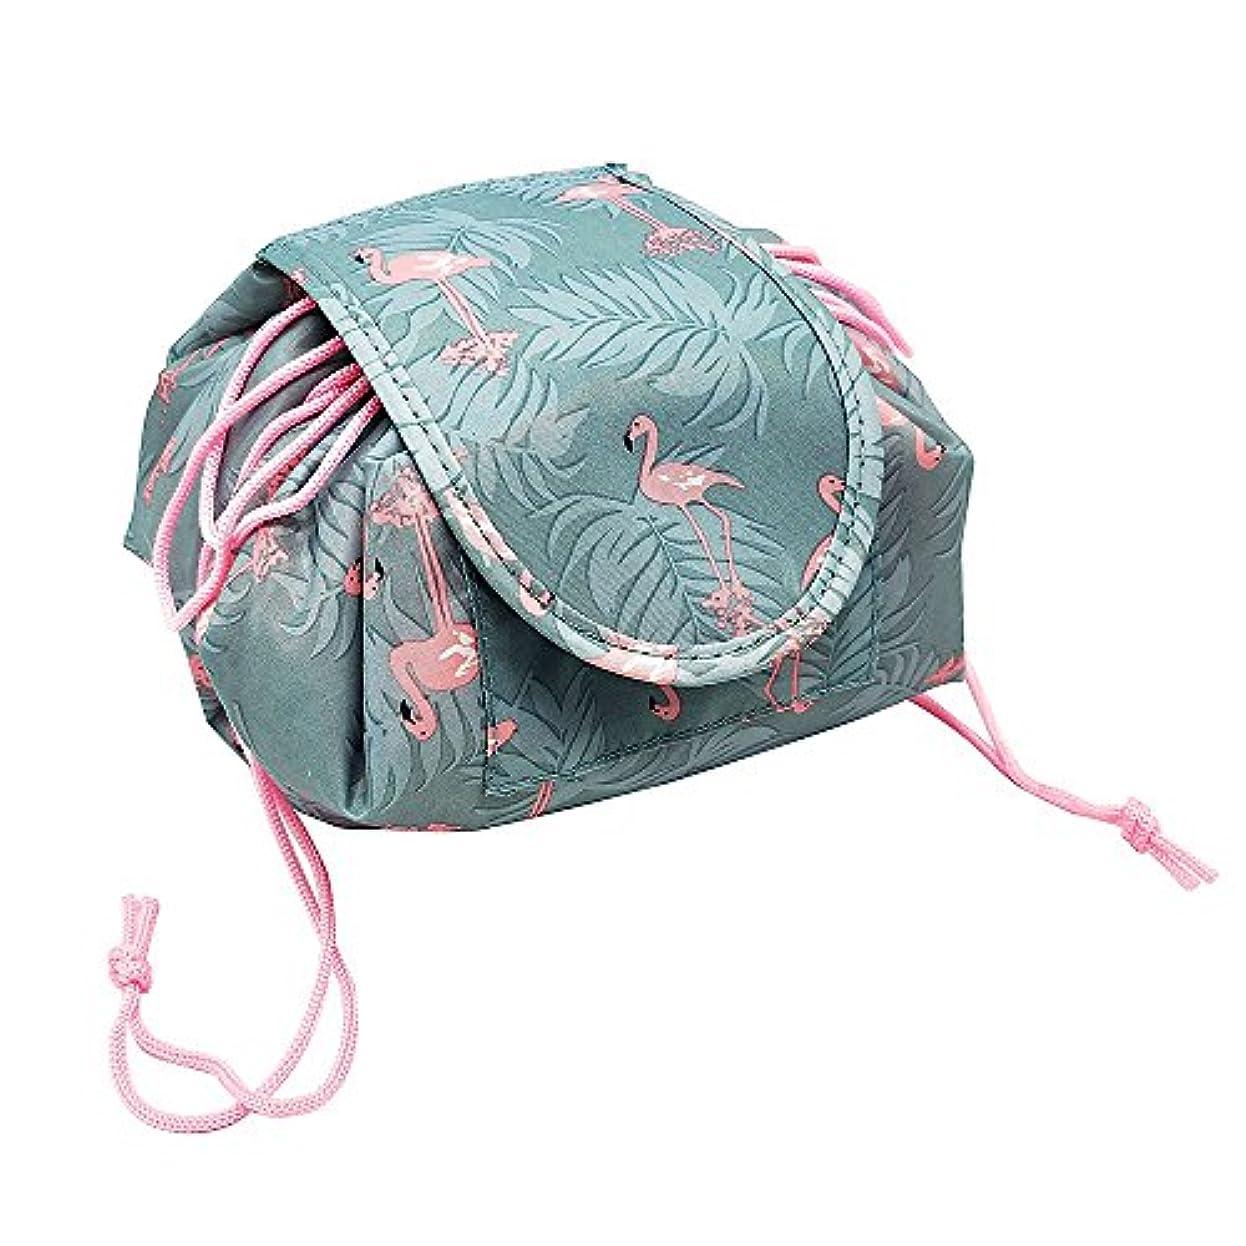 差し迫った東ティモール表現YOE(ヨイ) 化粧ポーチ 巾着型 メイクポーチ 化粧品収納 ボックス メイクバッグ コスメ収納 ポーチ レディース (フリーサイズ, フラミンゴ)